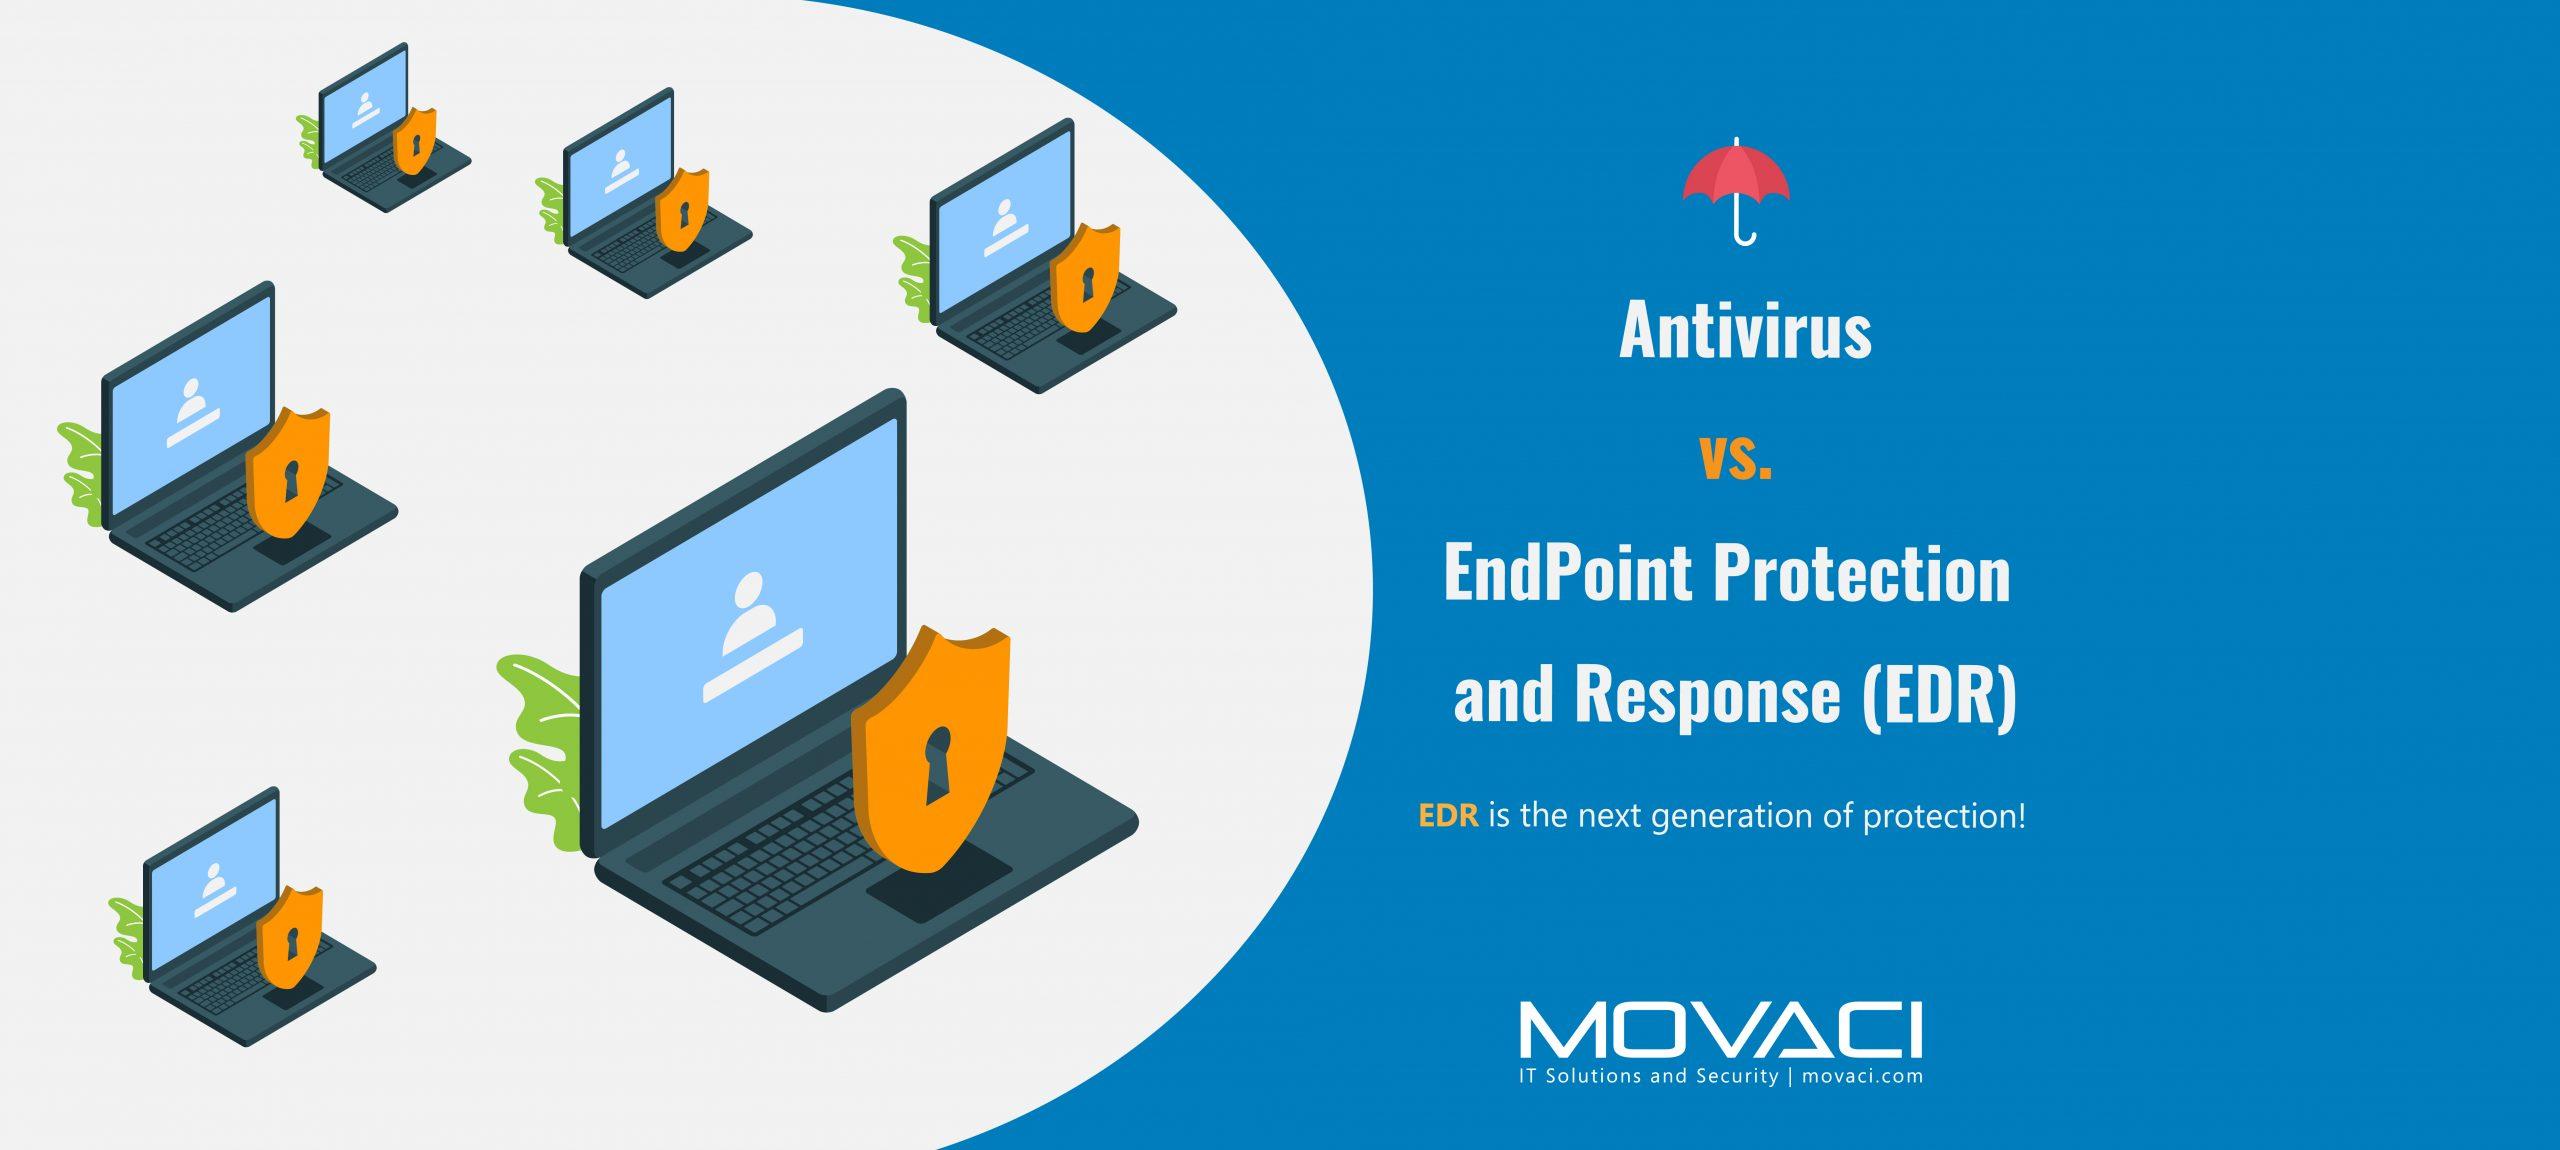 Antivirus vs. Endpoint Detection and Response (EDR) 1